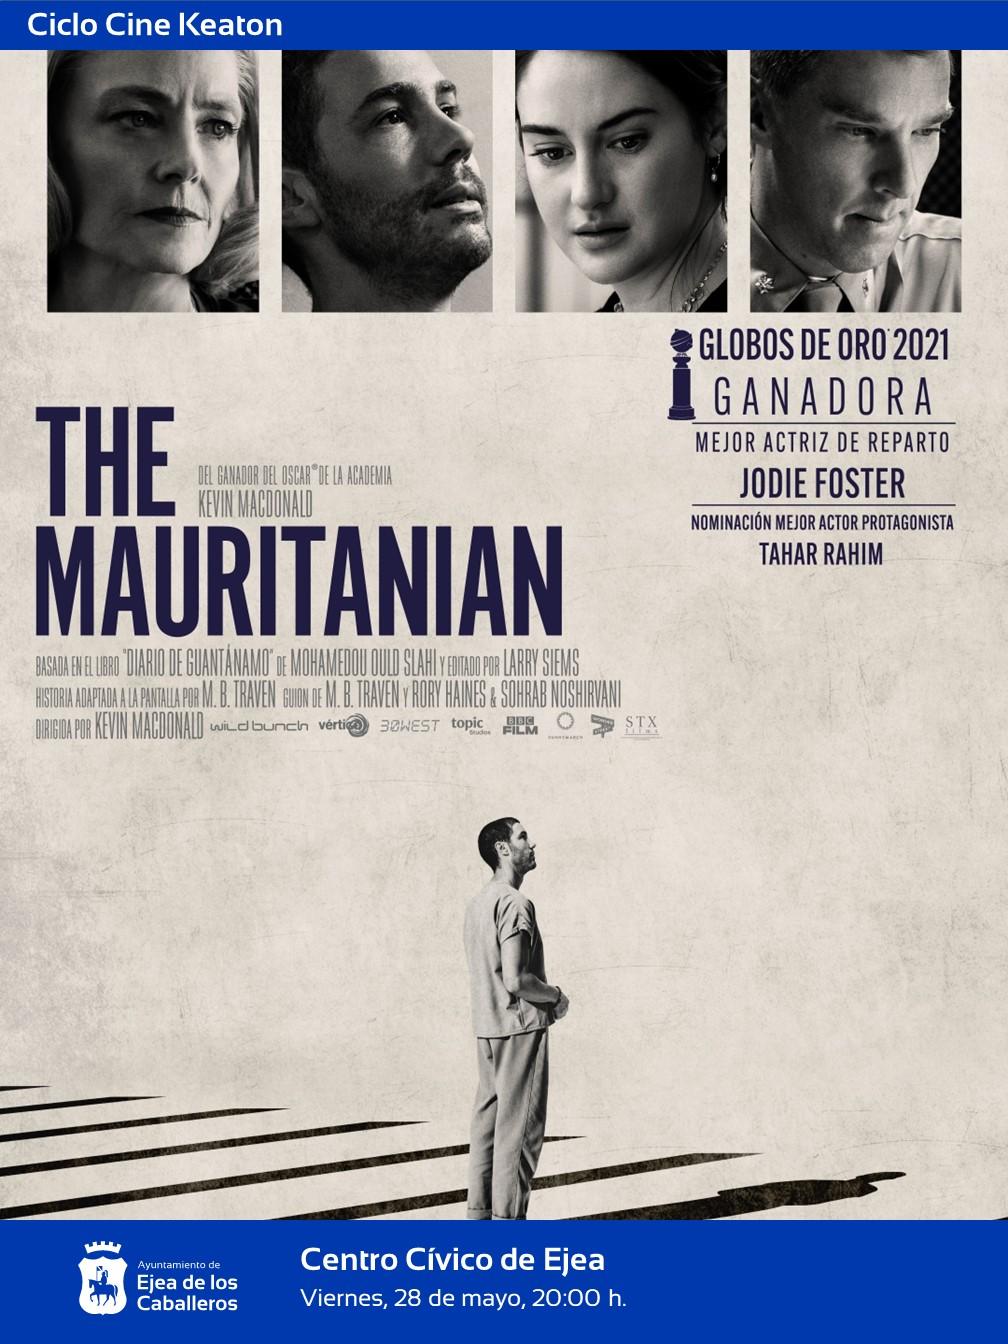 """El ciclo Keaton propone """"The Mauritanian"""", cine político basado en hechos reales y en la denuncia de Guantánamo"""